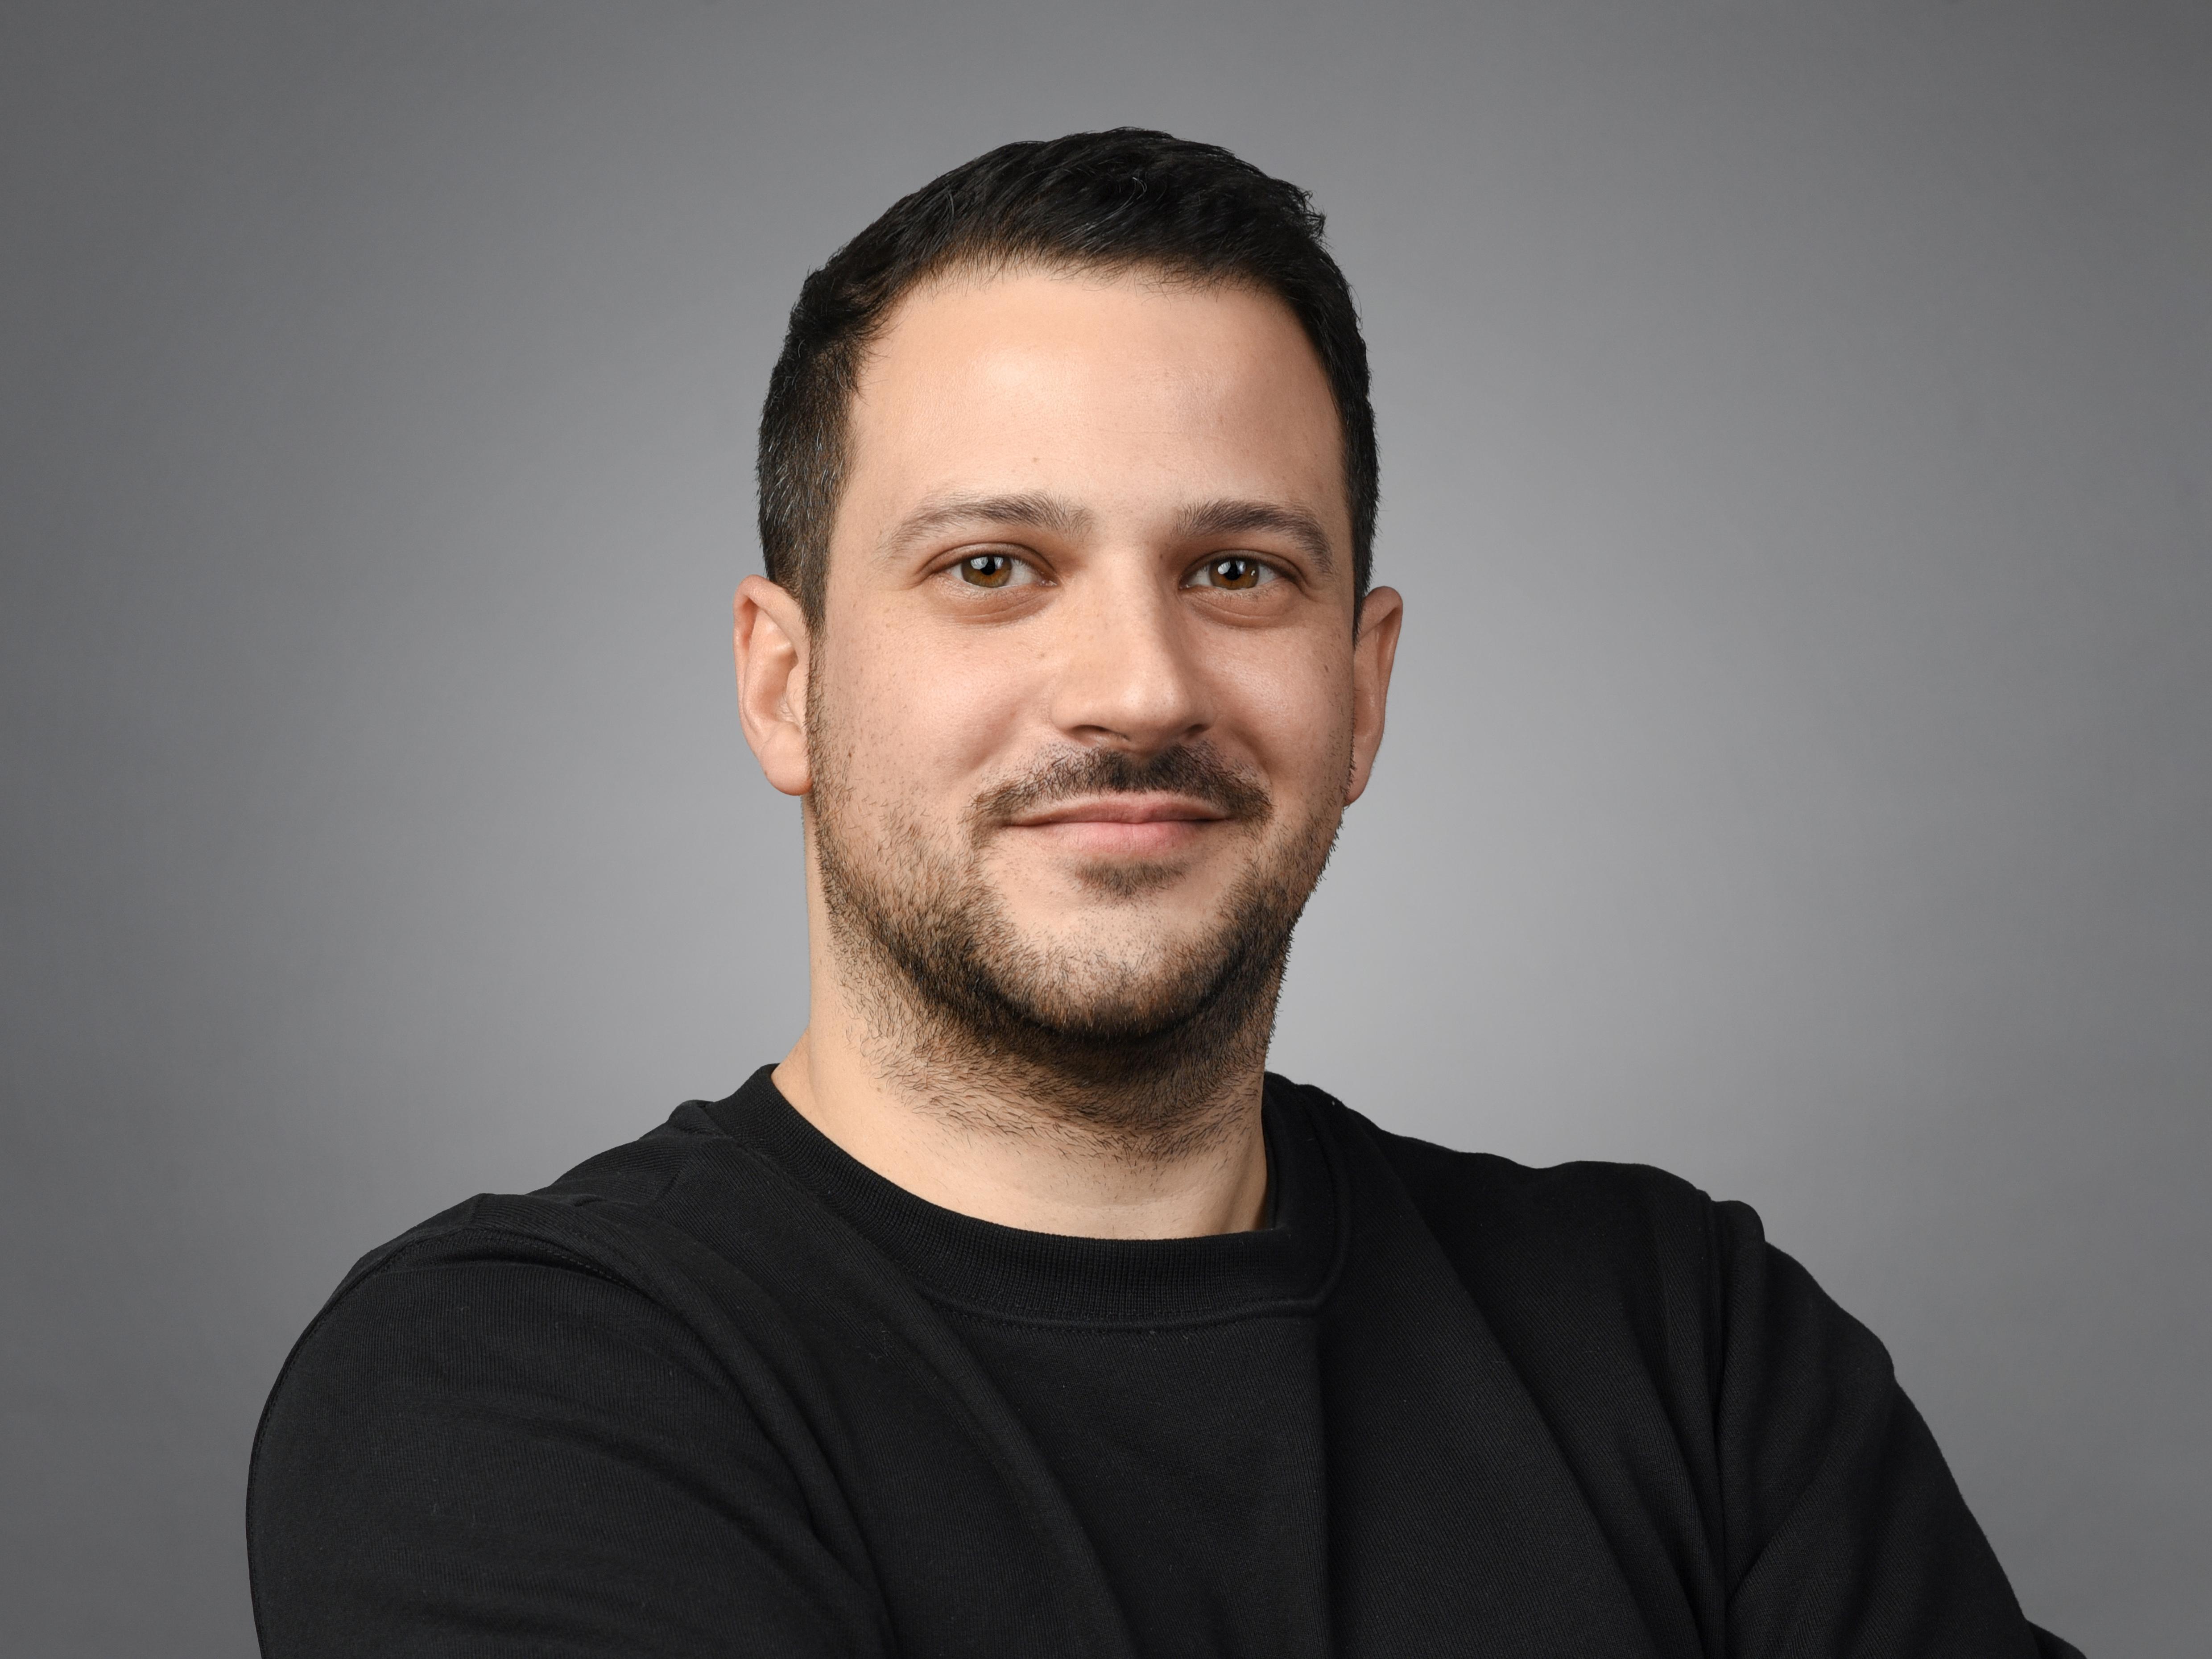 Profilbild von Benjamin Zimmermann